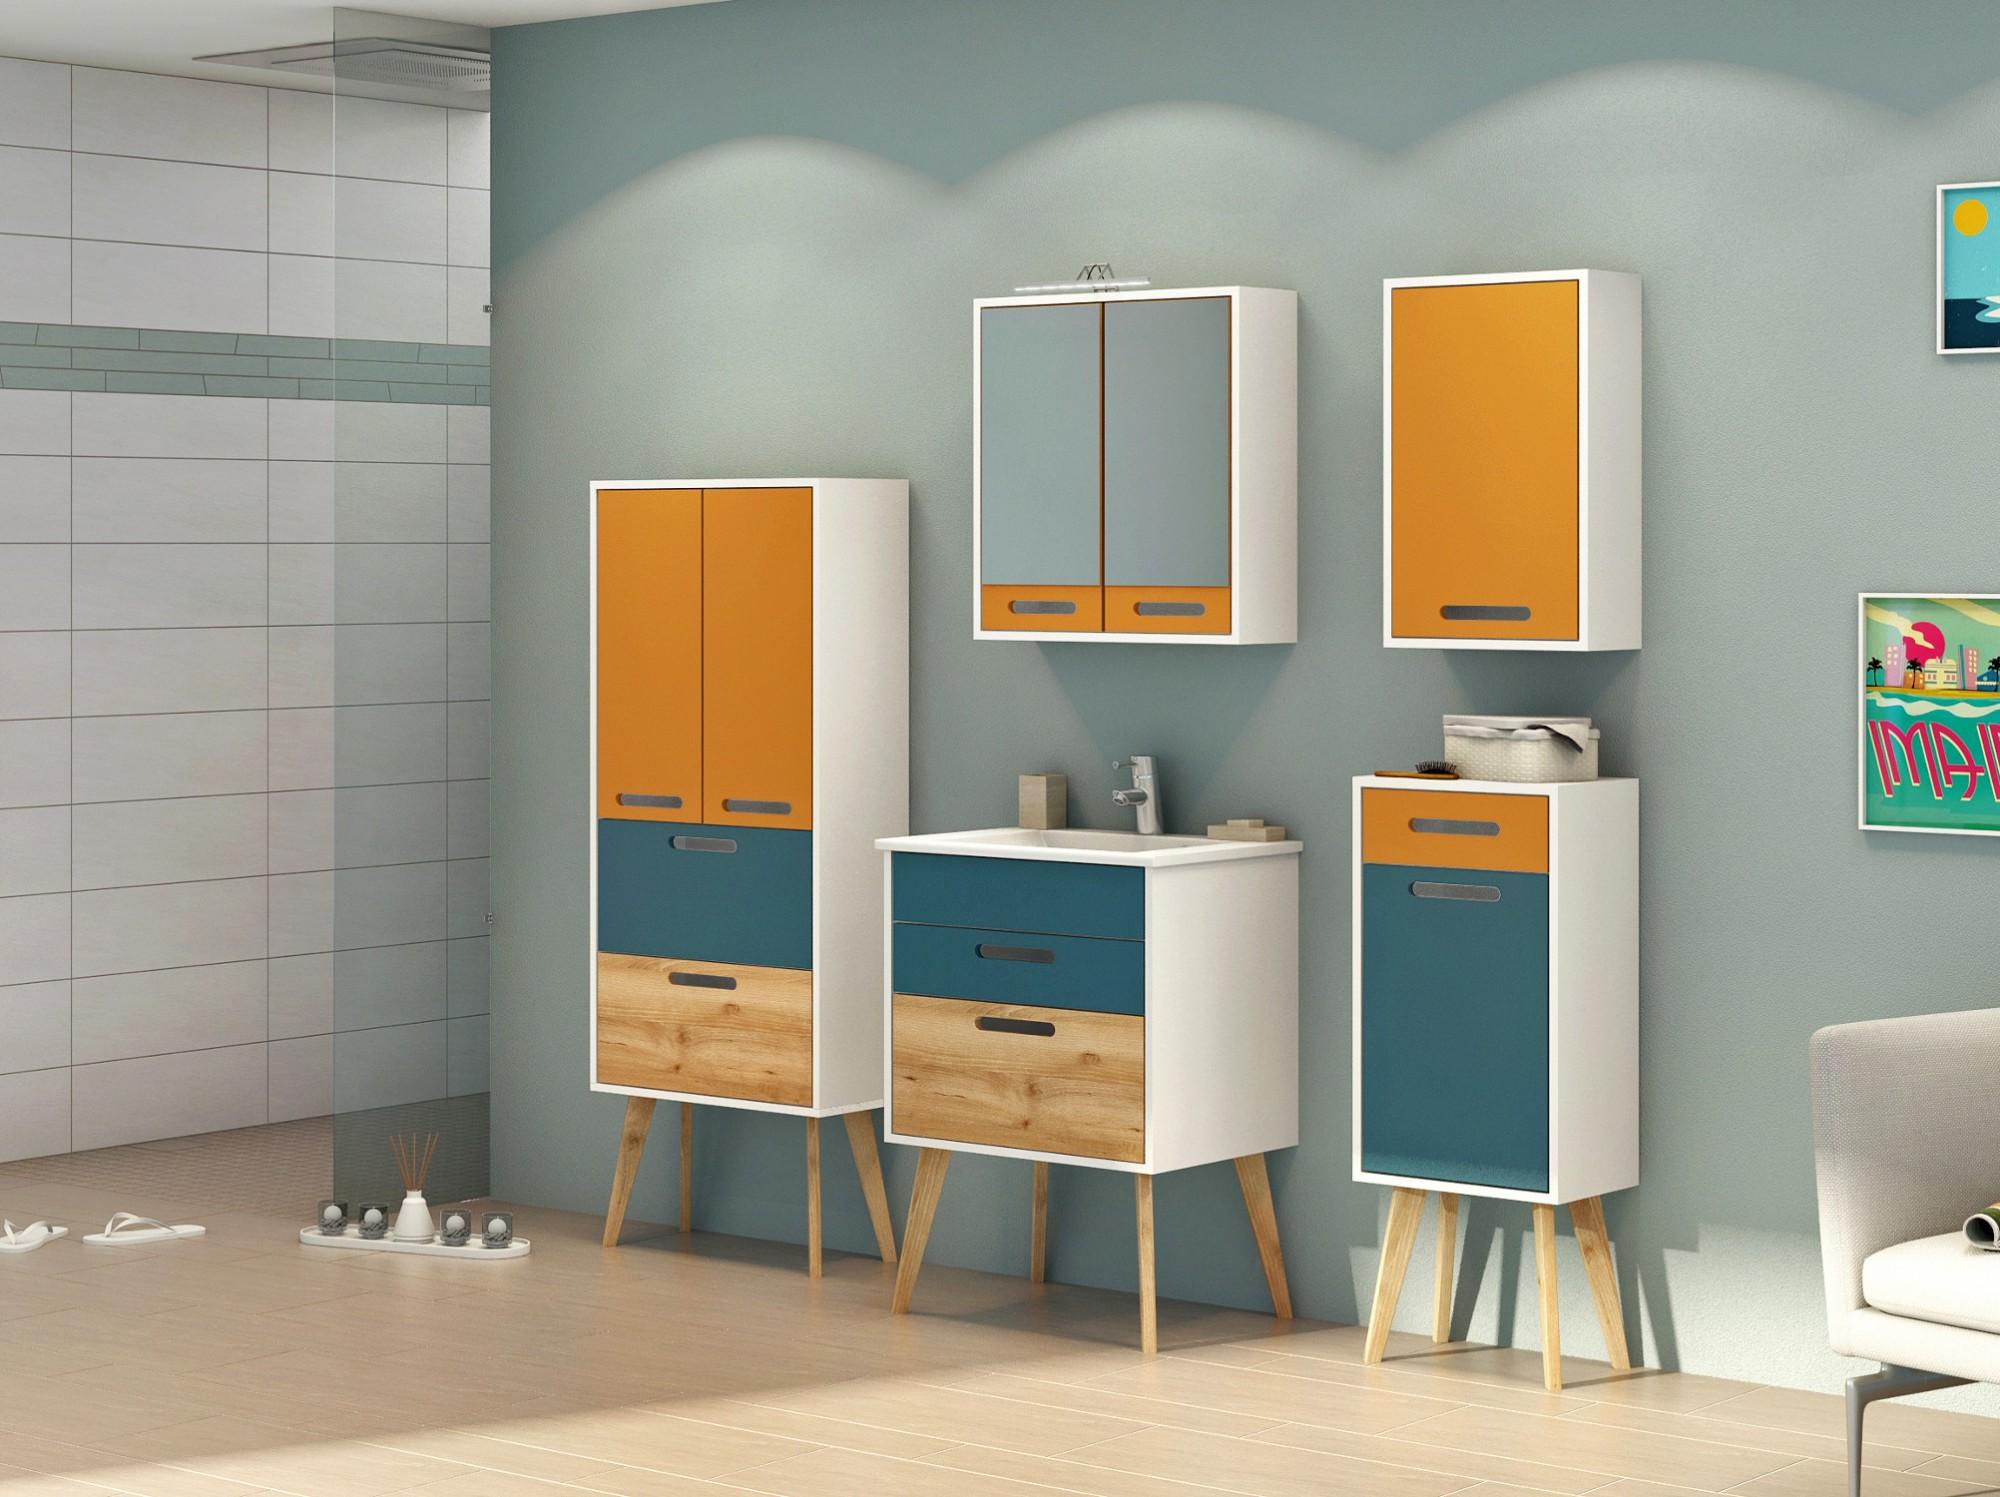 badmöbel-set malmÖ - mit waschtisch und spiegel - 7-teilig - 160, Wohnzimmer dekoo